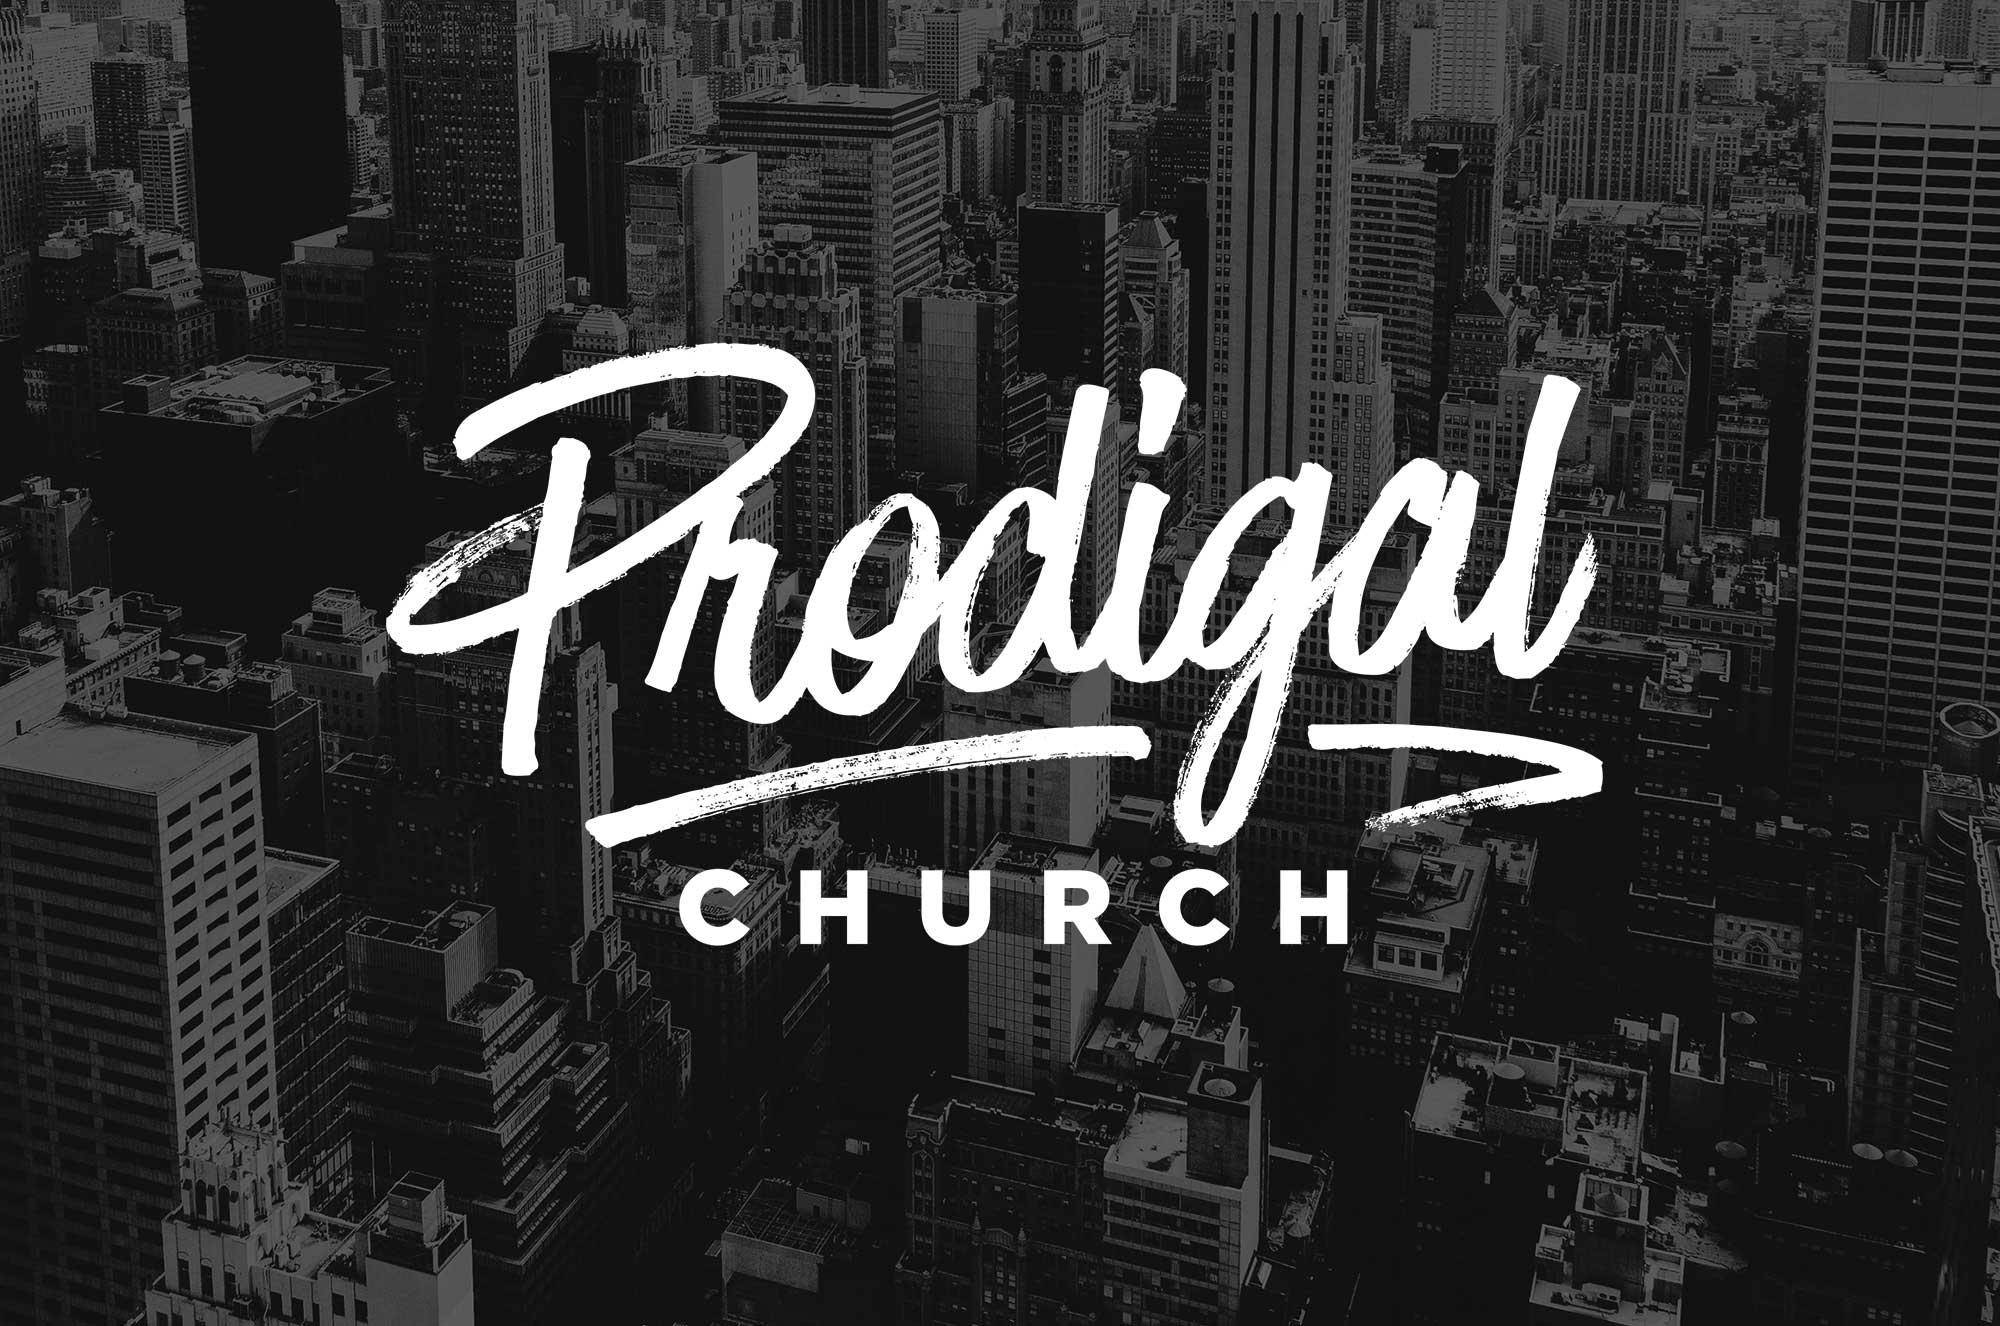 Prodigal2-1.jpg